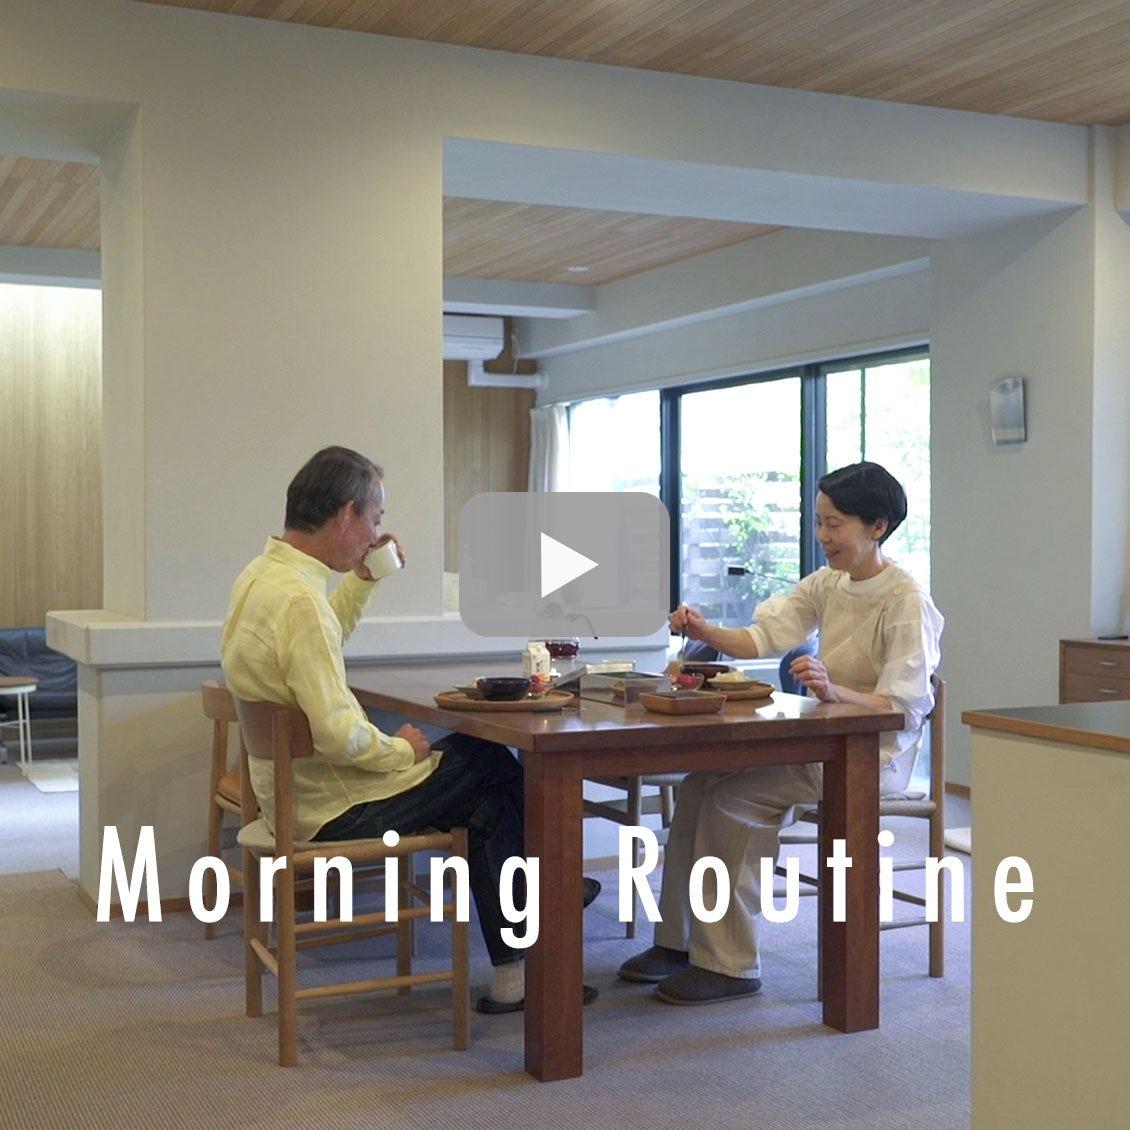 【わたしの朝習慣】朝食以外はそれぞれに?夫婦の家事分担で、気持ちよく1日をはじめる朝時間